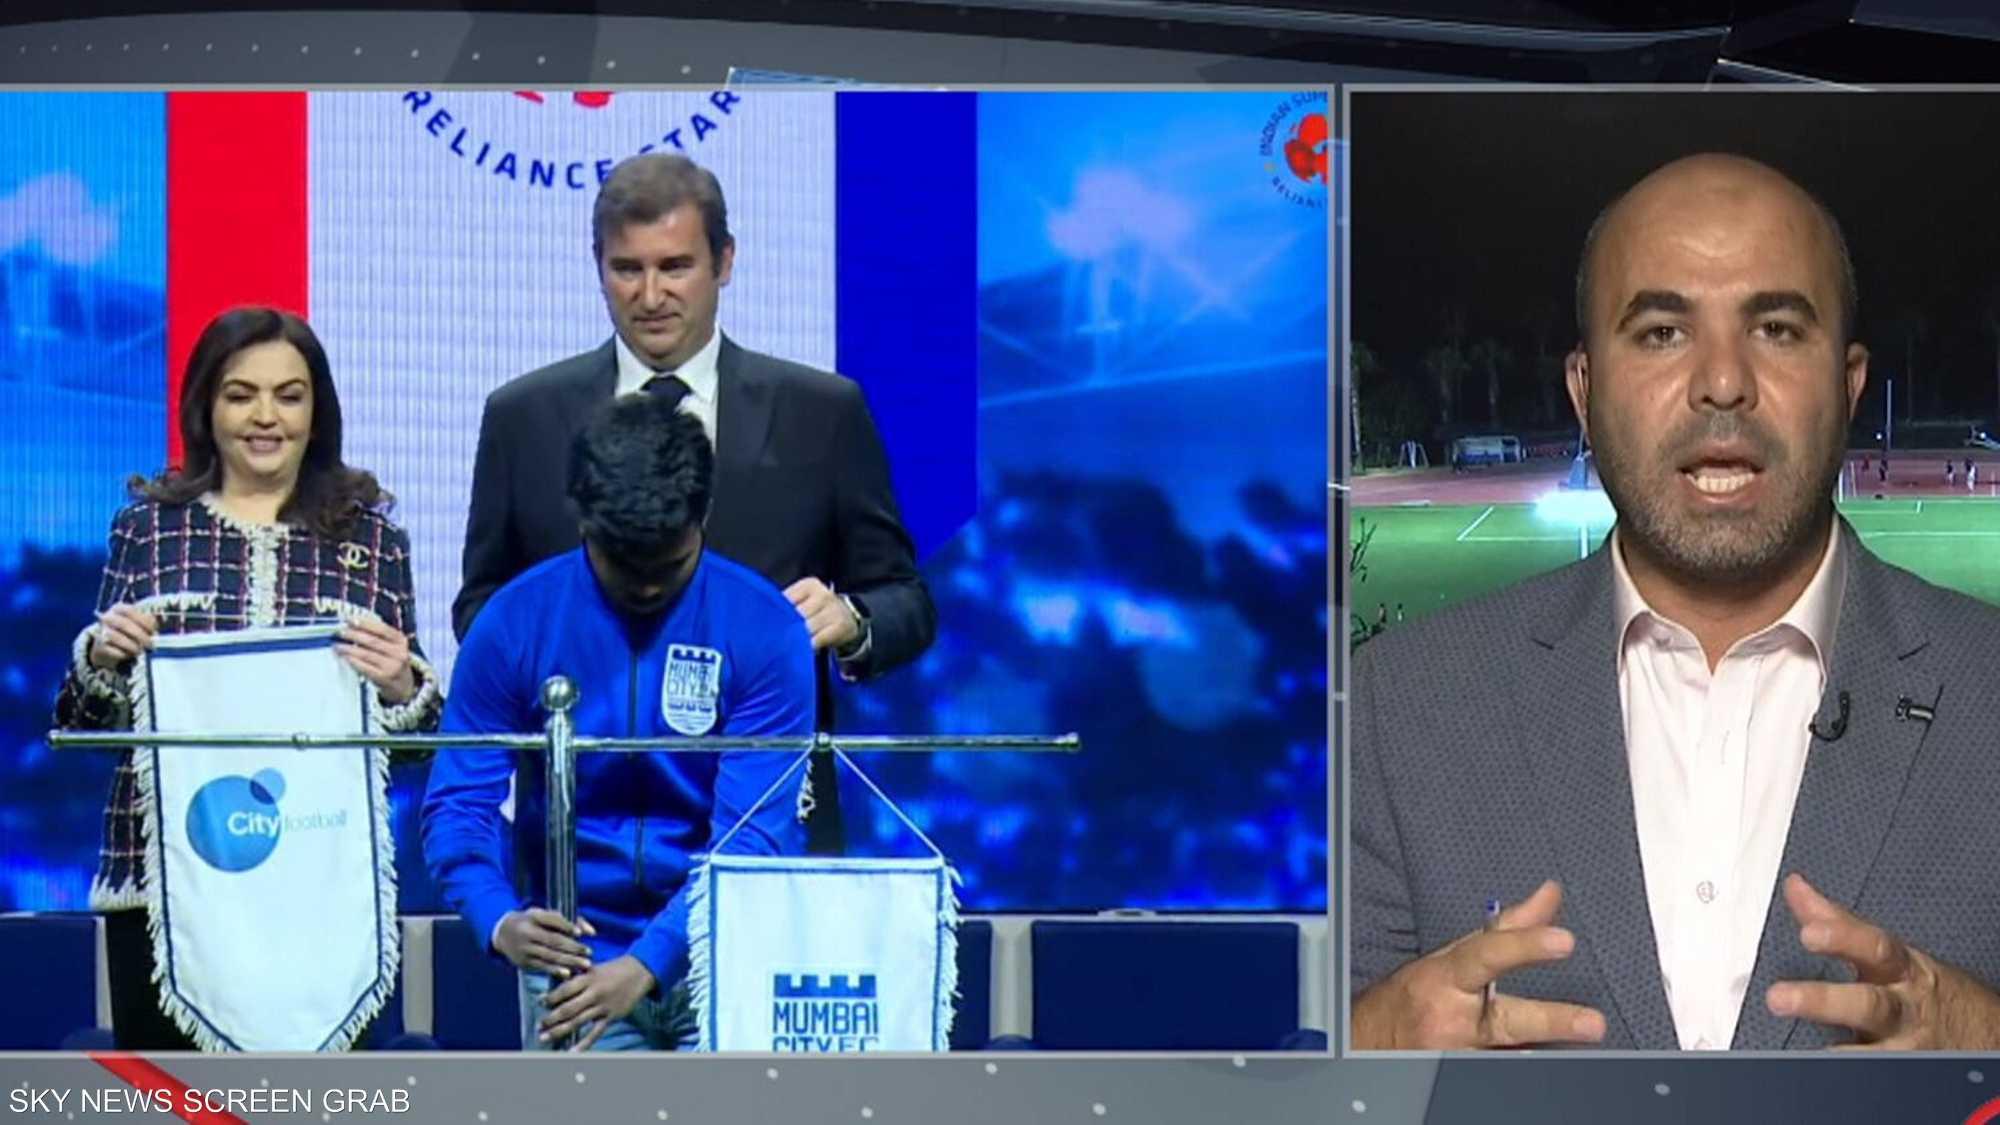 نادي مومباي الهندي ثامن عضو بعائلة سيتي لكرة القدم